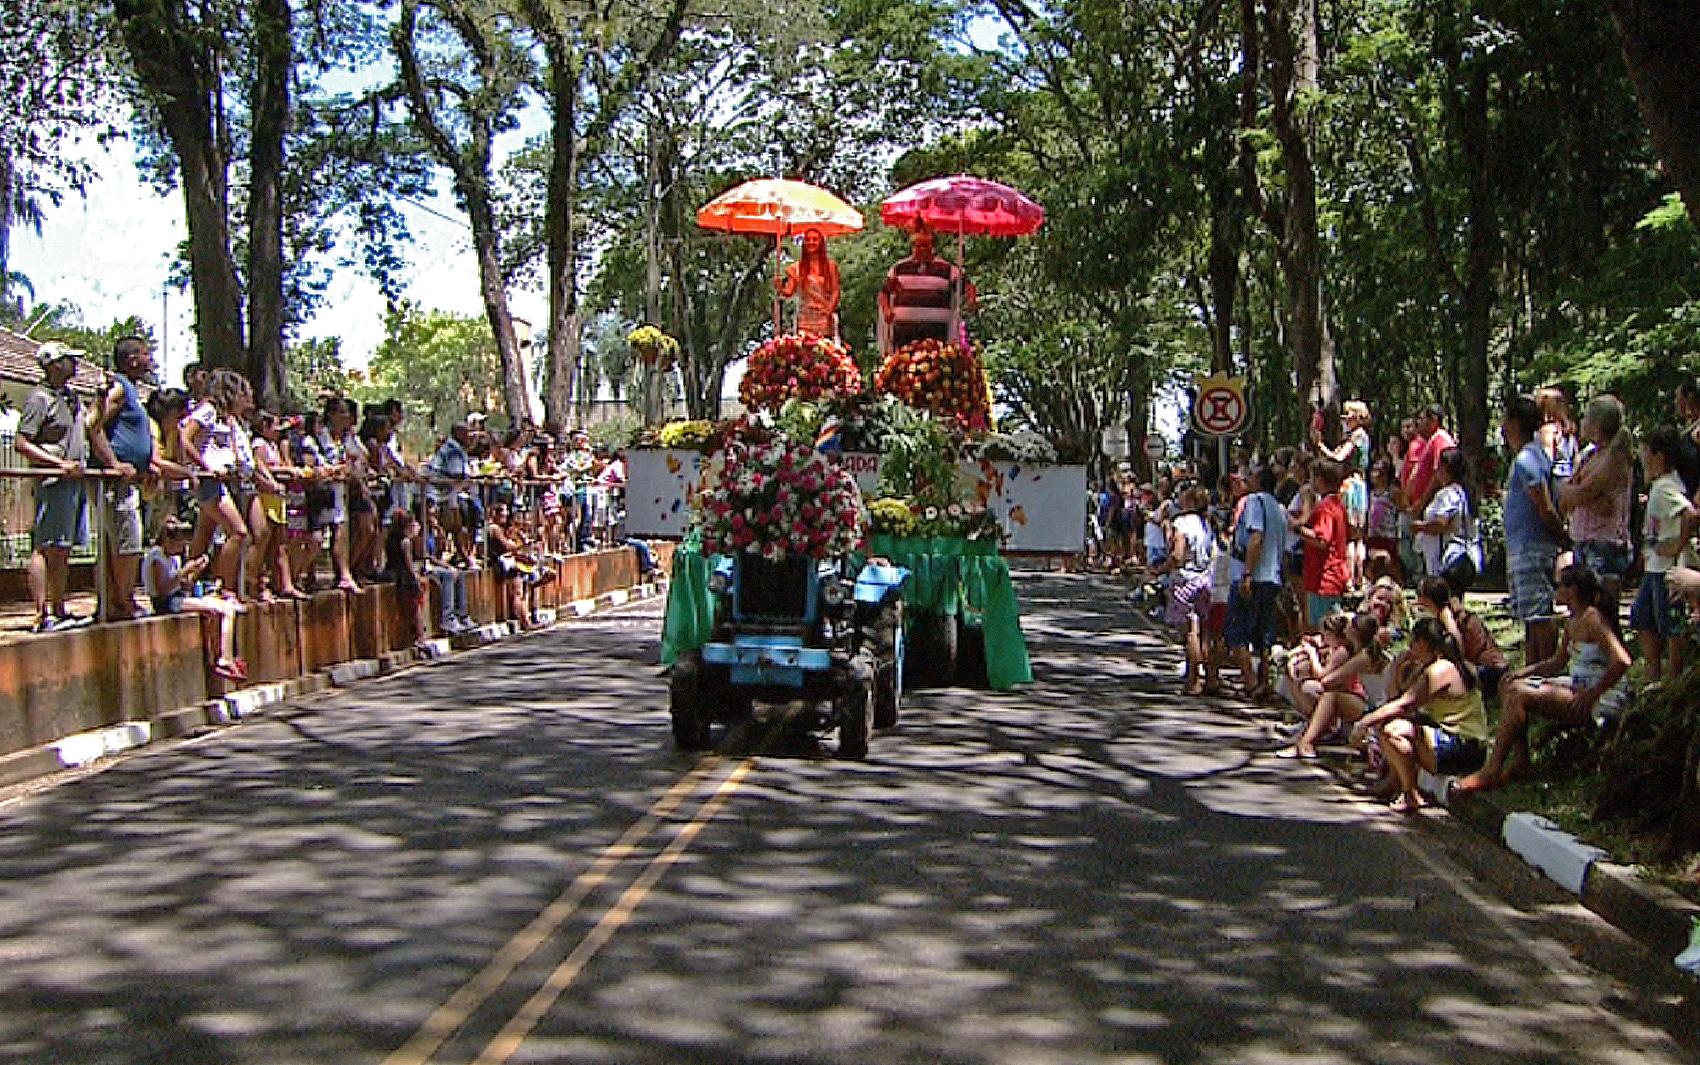 Diretor De Carnaval Deixa Tradicional Escola De Sp: FOTOS: Carnaval Em Holambra, SP, Tem Carros Decorados Com